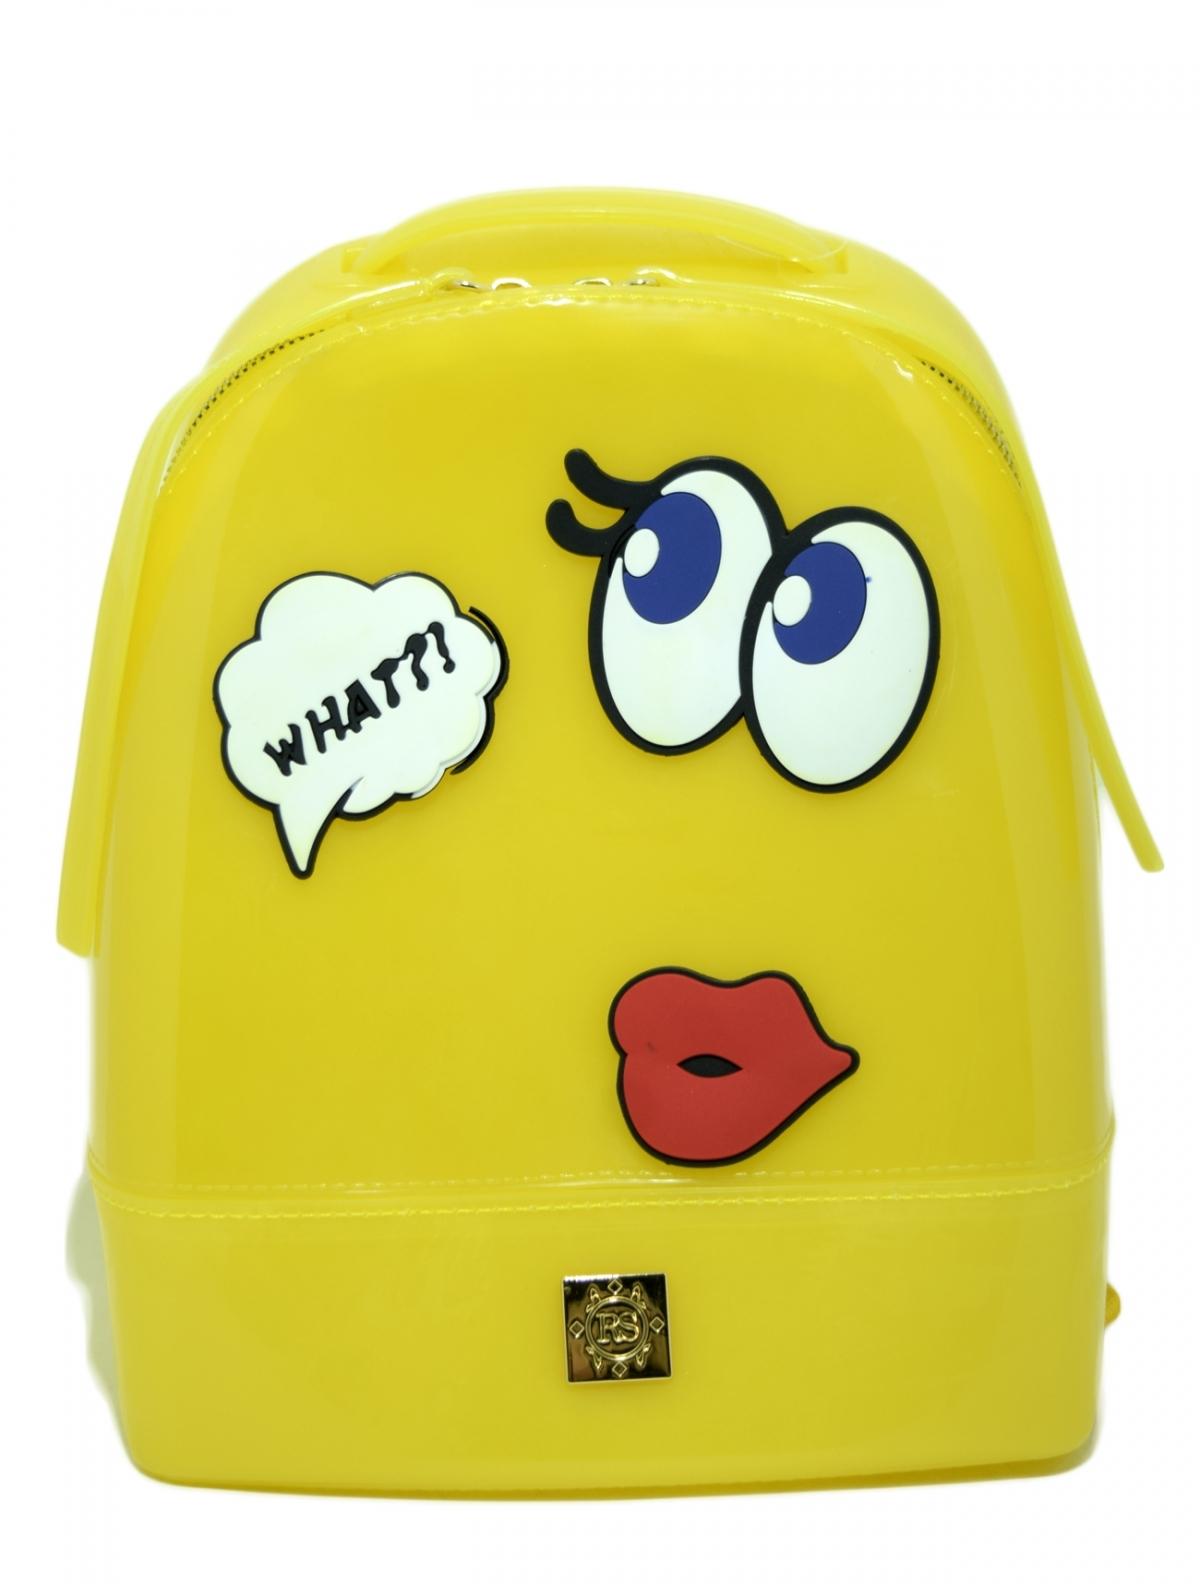 RidlStep 19230-482-3 рюкзак желтый